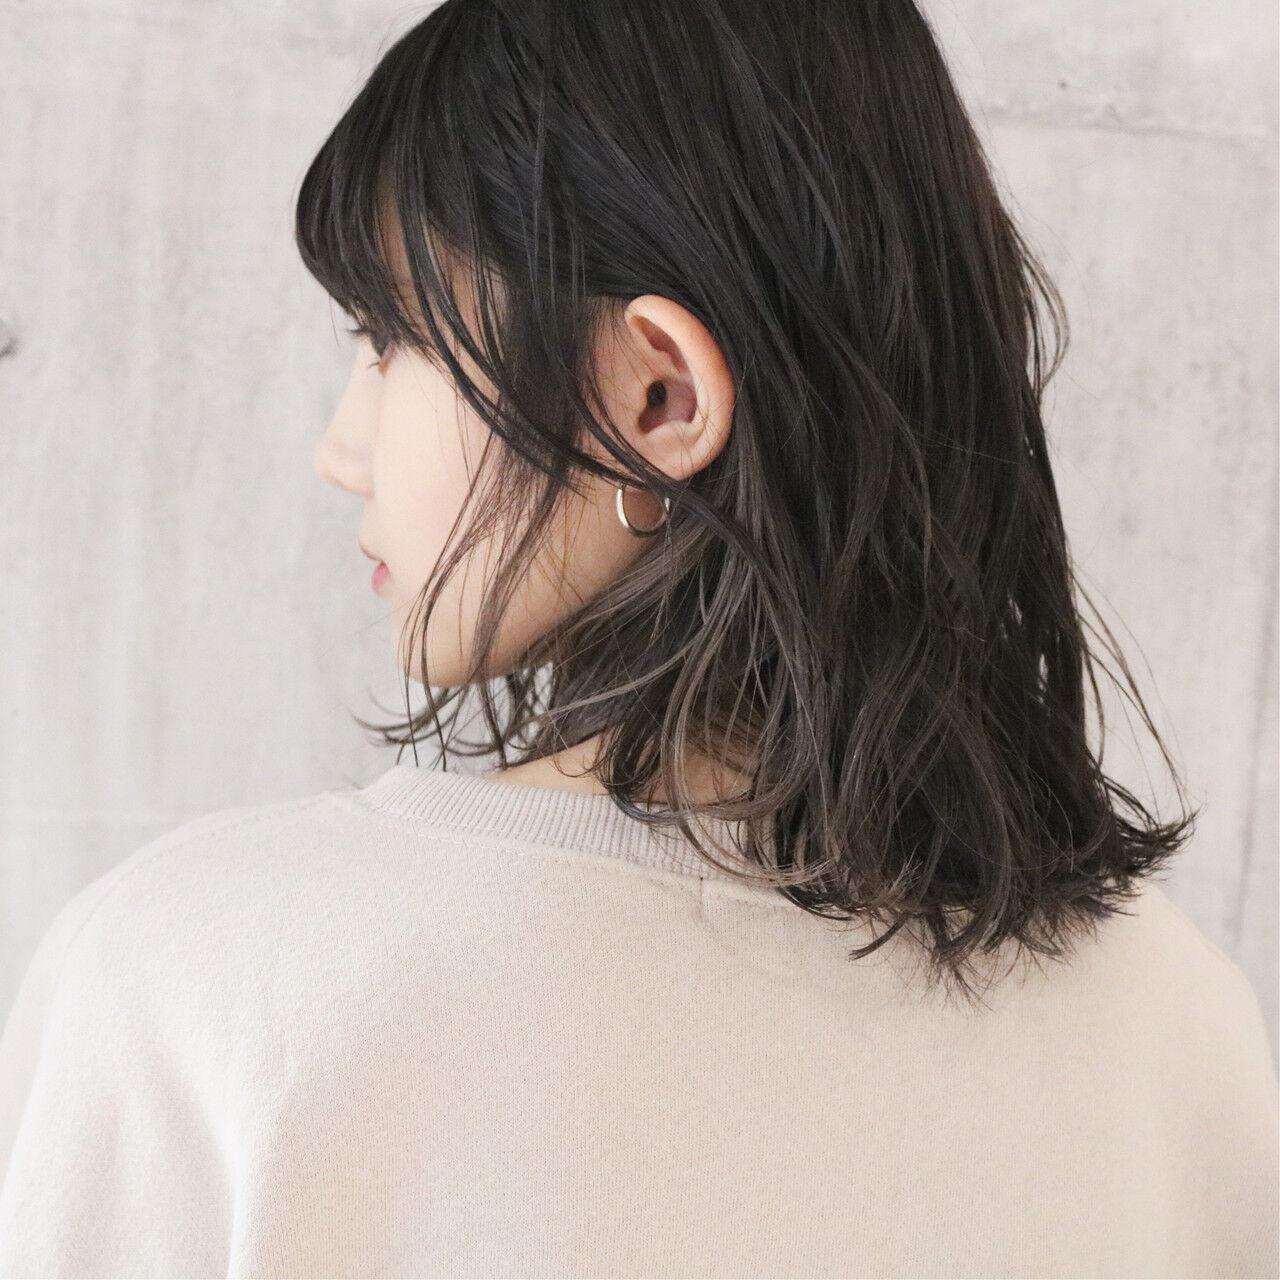 ミディアム ミルクティーグレージュ 大人かわいい アンニュイほつれヘアヘアスタイルや髪型の写真・画像